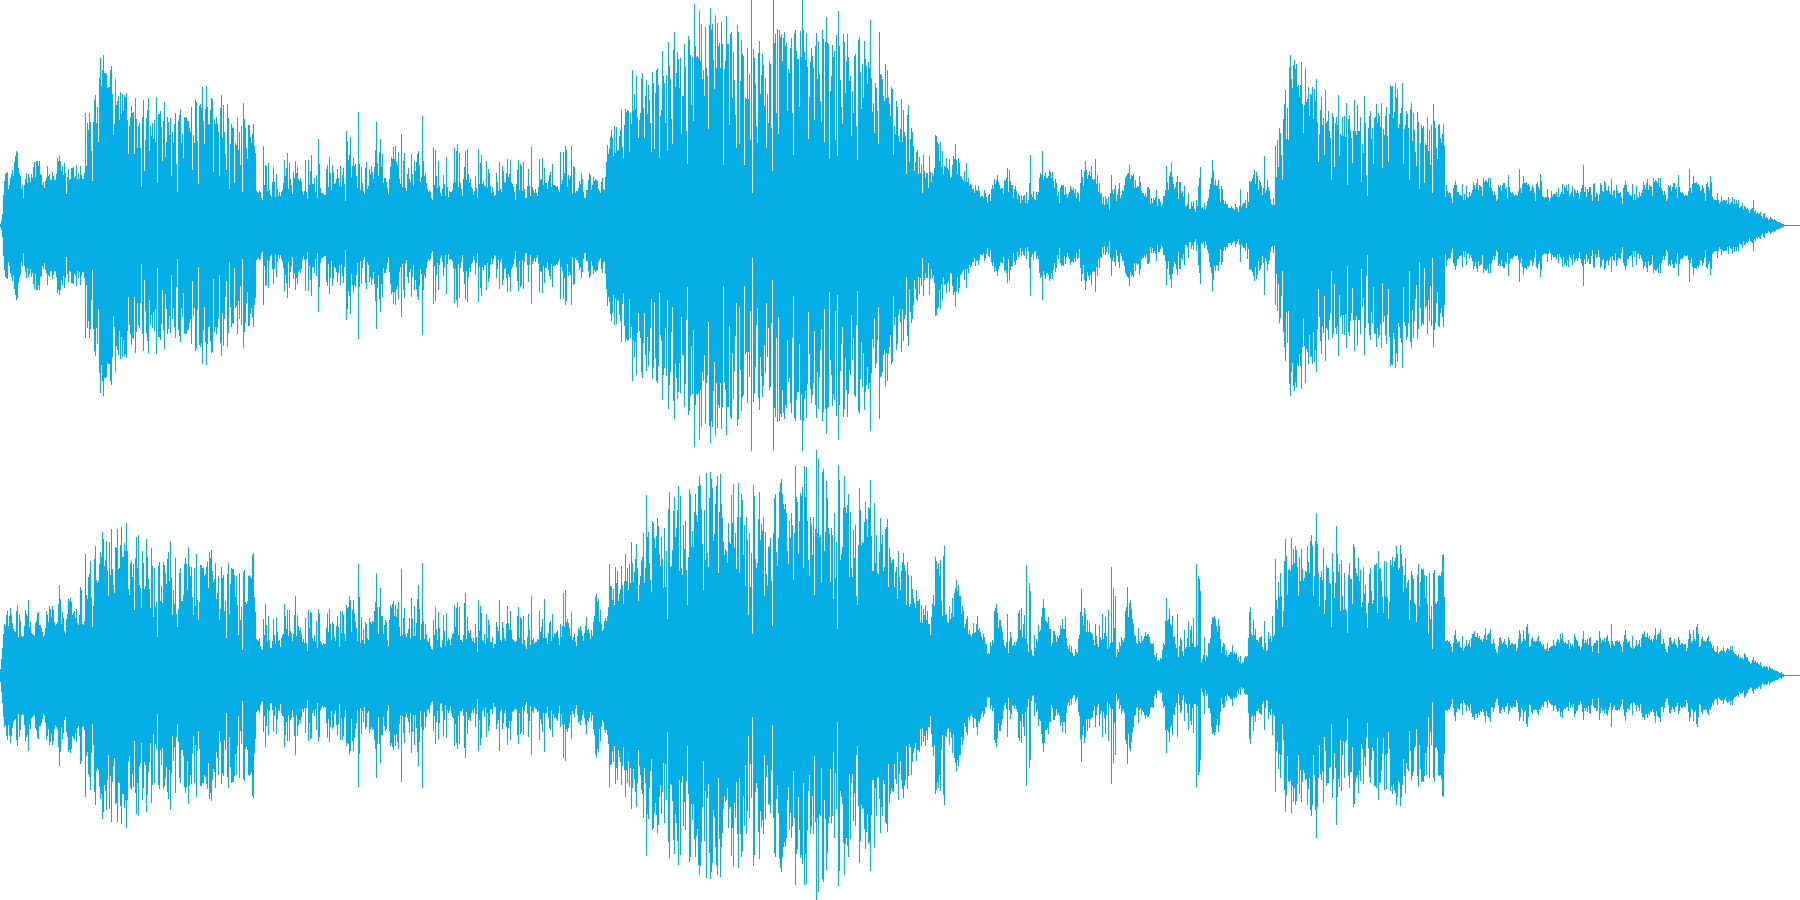 エモーショナルなアンビエントの再生済みの波形